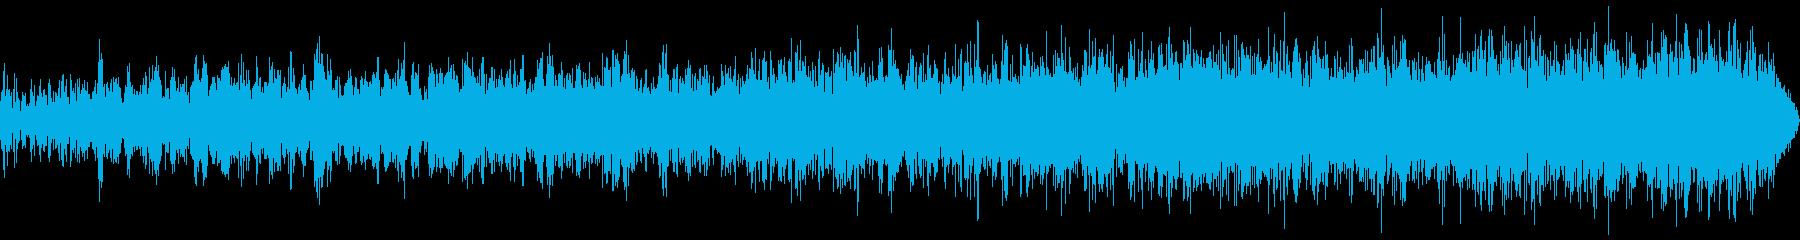 暗闇でのスペイシーな音の再生済みの波形